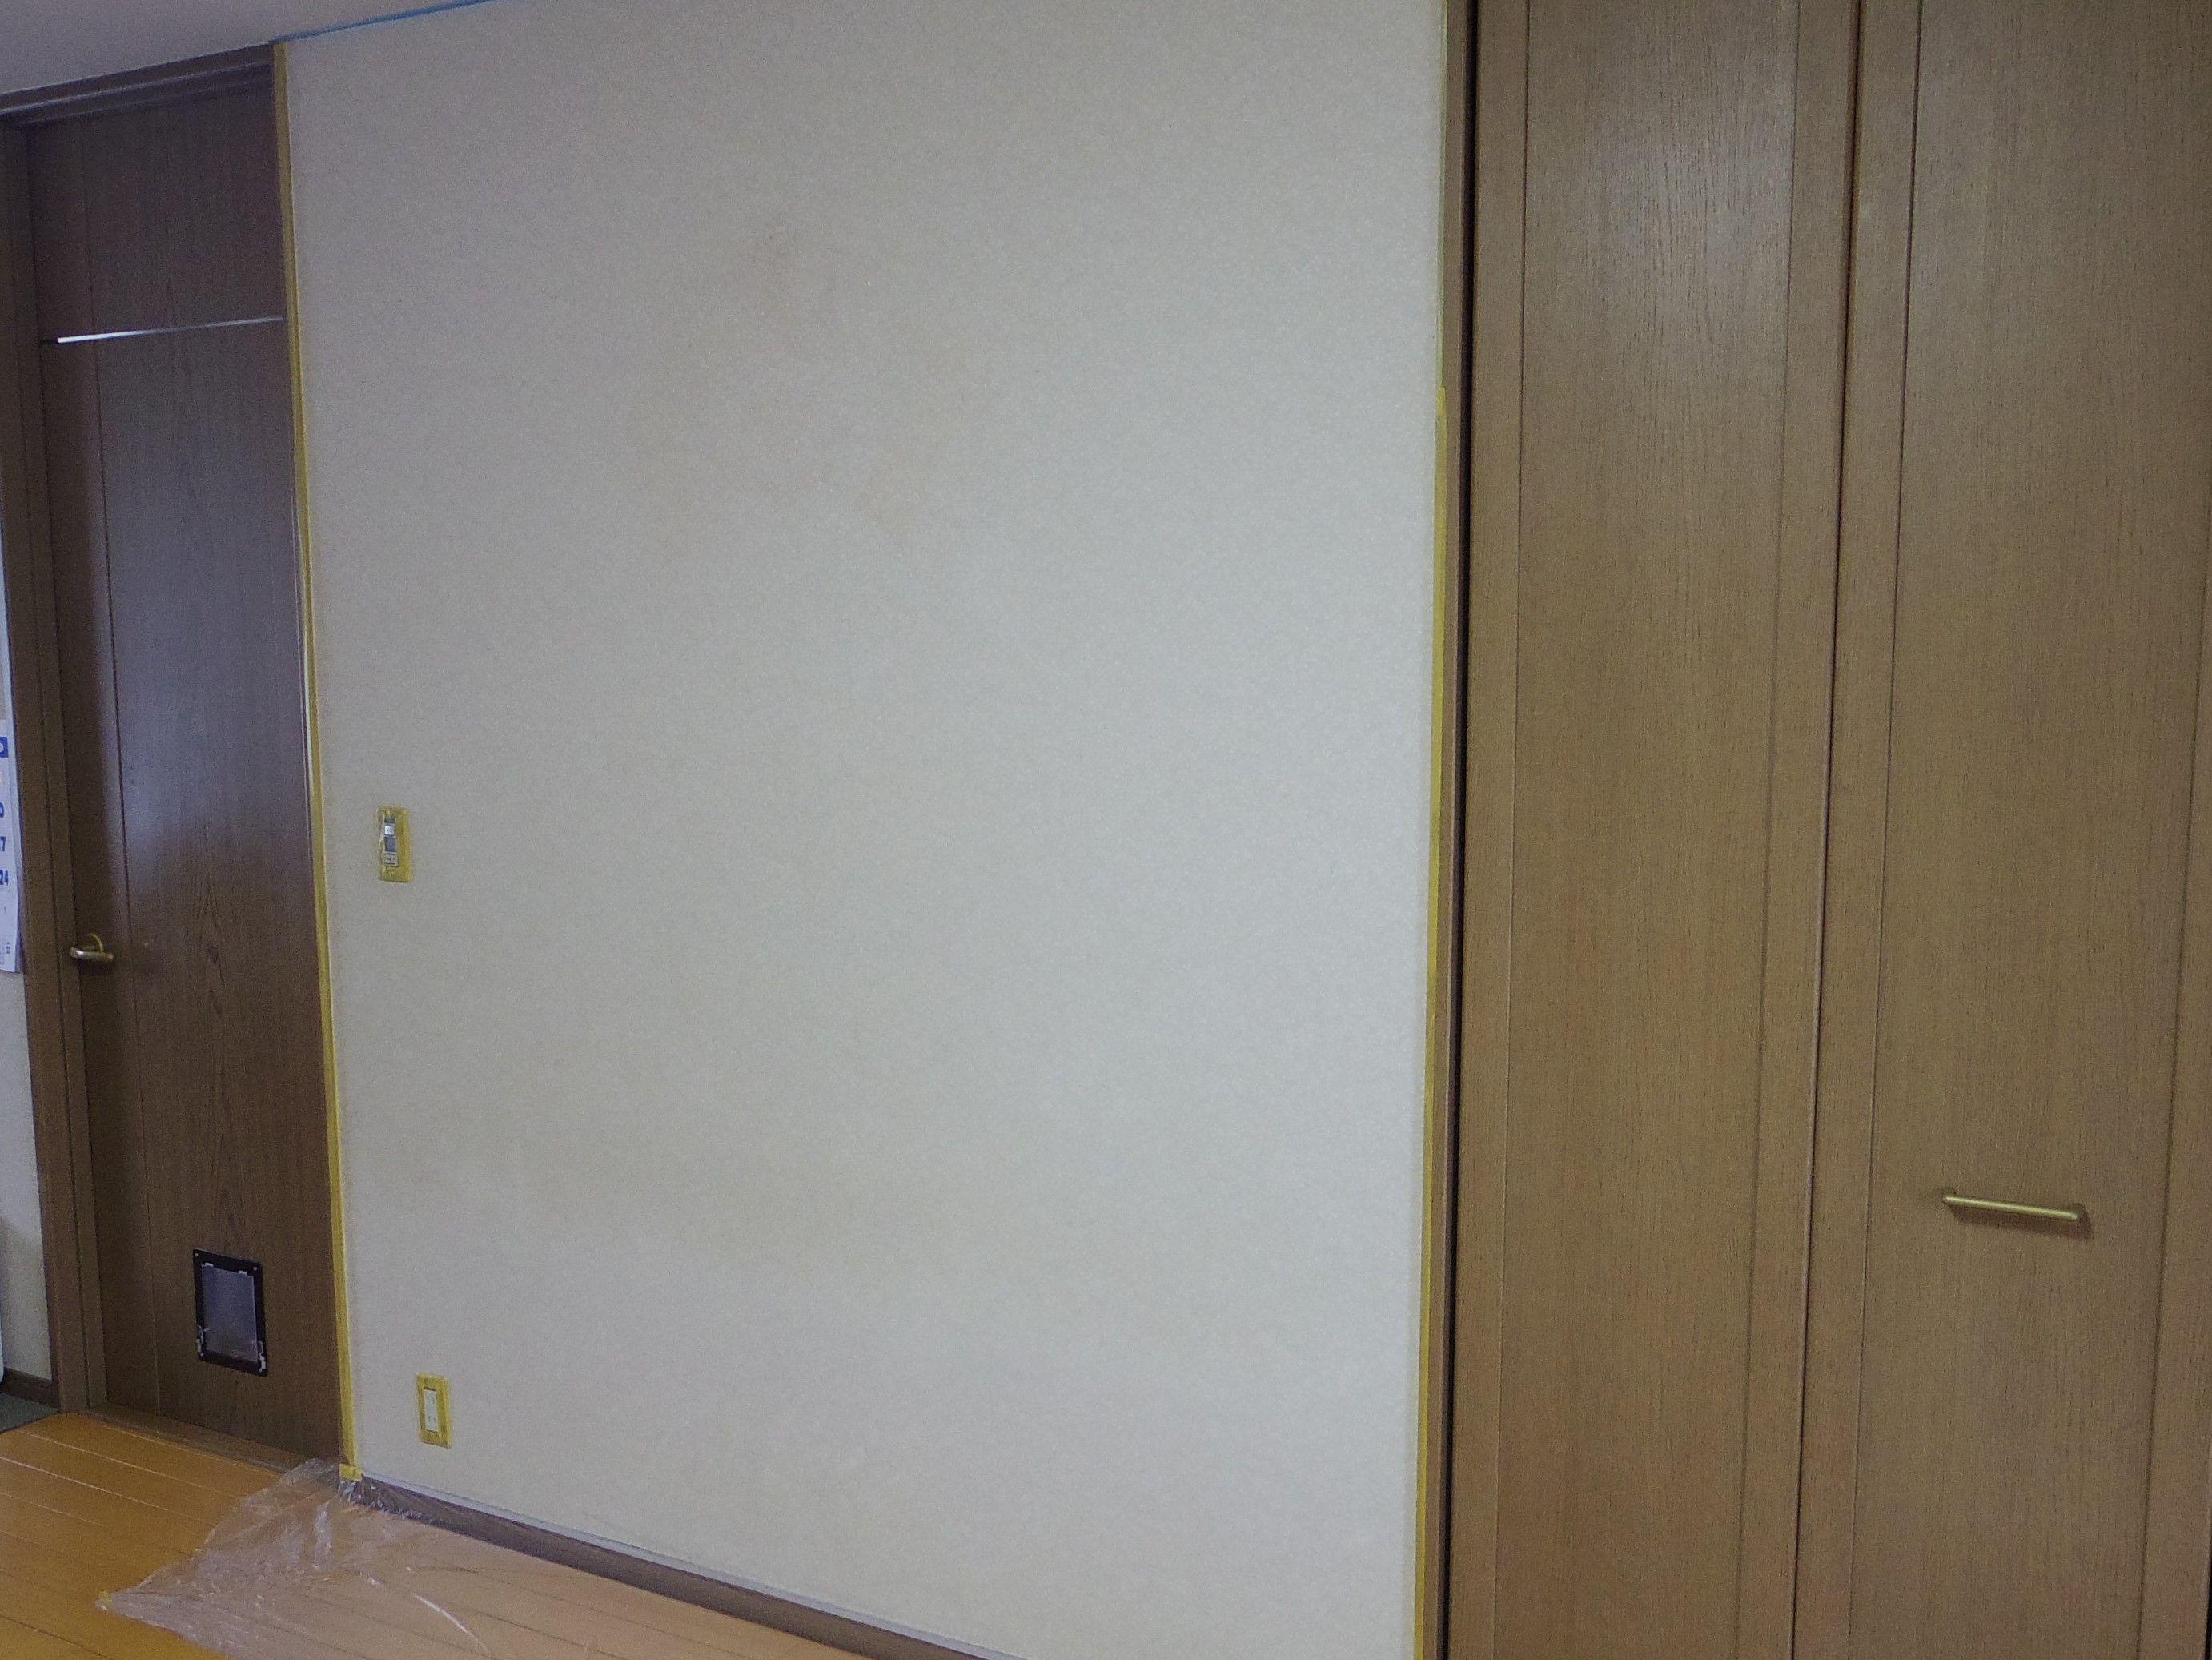 砂壁 消臭 部屋 練り済み 日本製 リノベーション 漆喰塗料しっくい